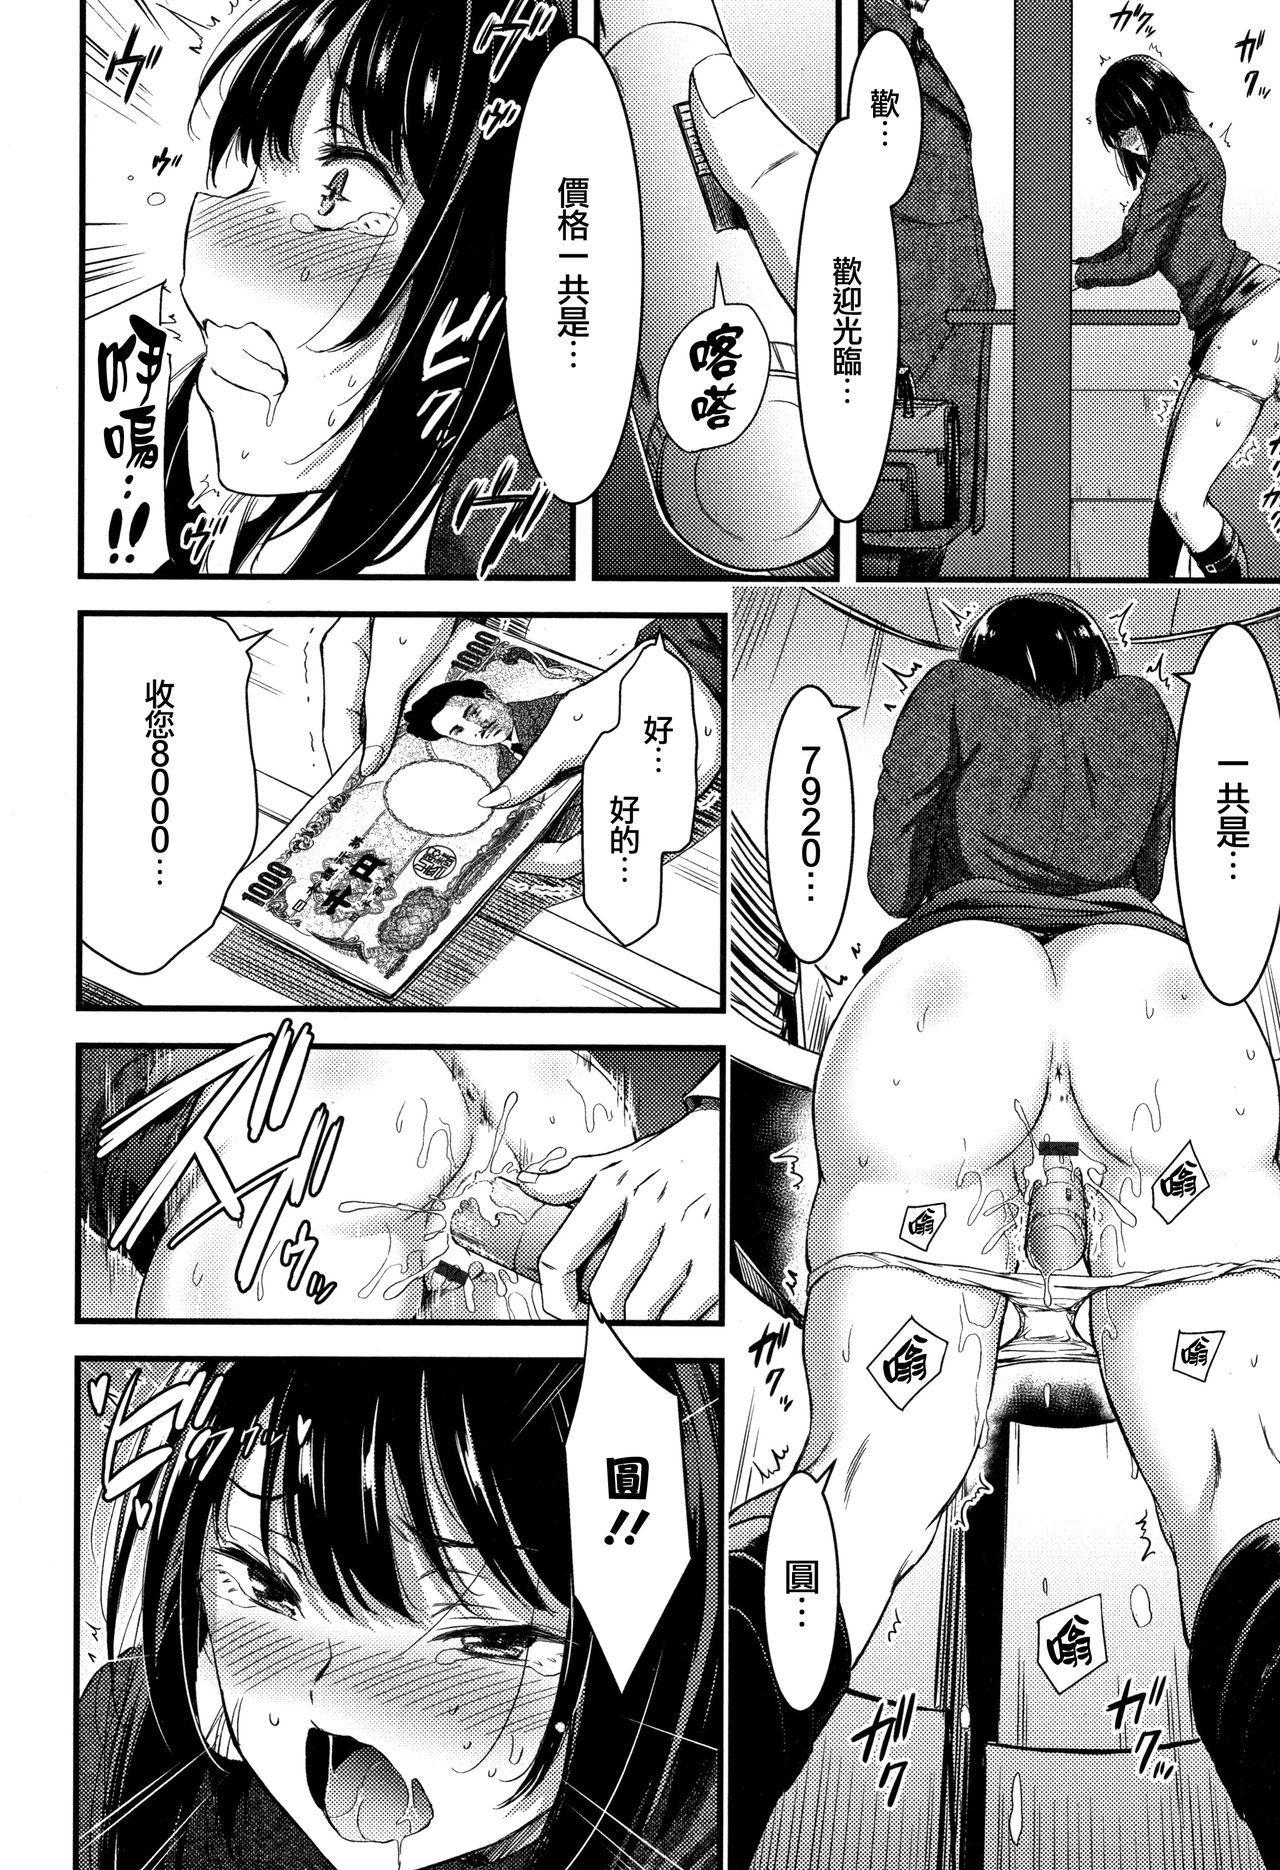 Nichijou Bitch Seitai Kansatsu 160